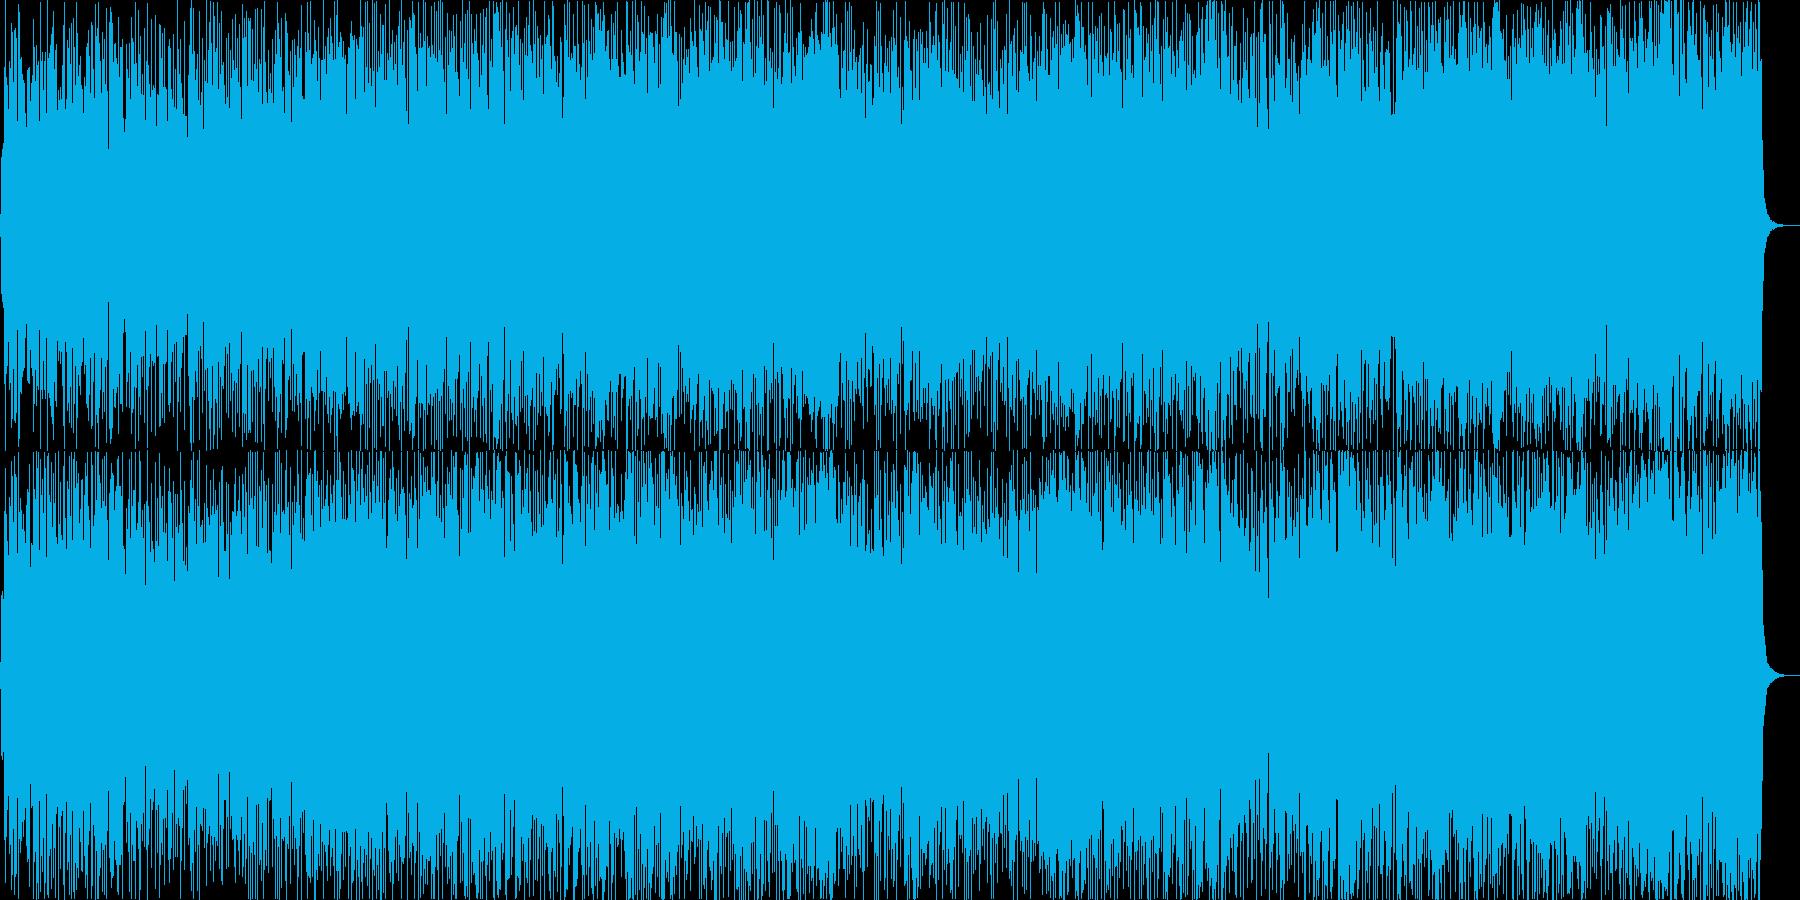 Jolly Fluteの再生済みの波形